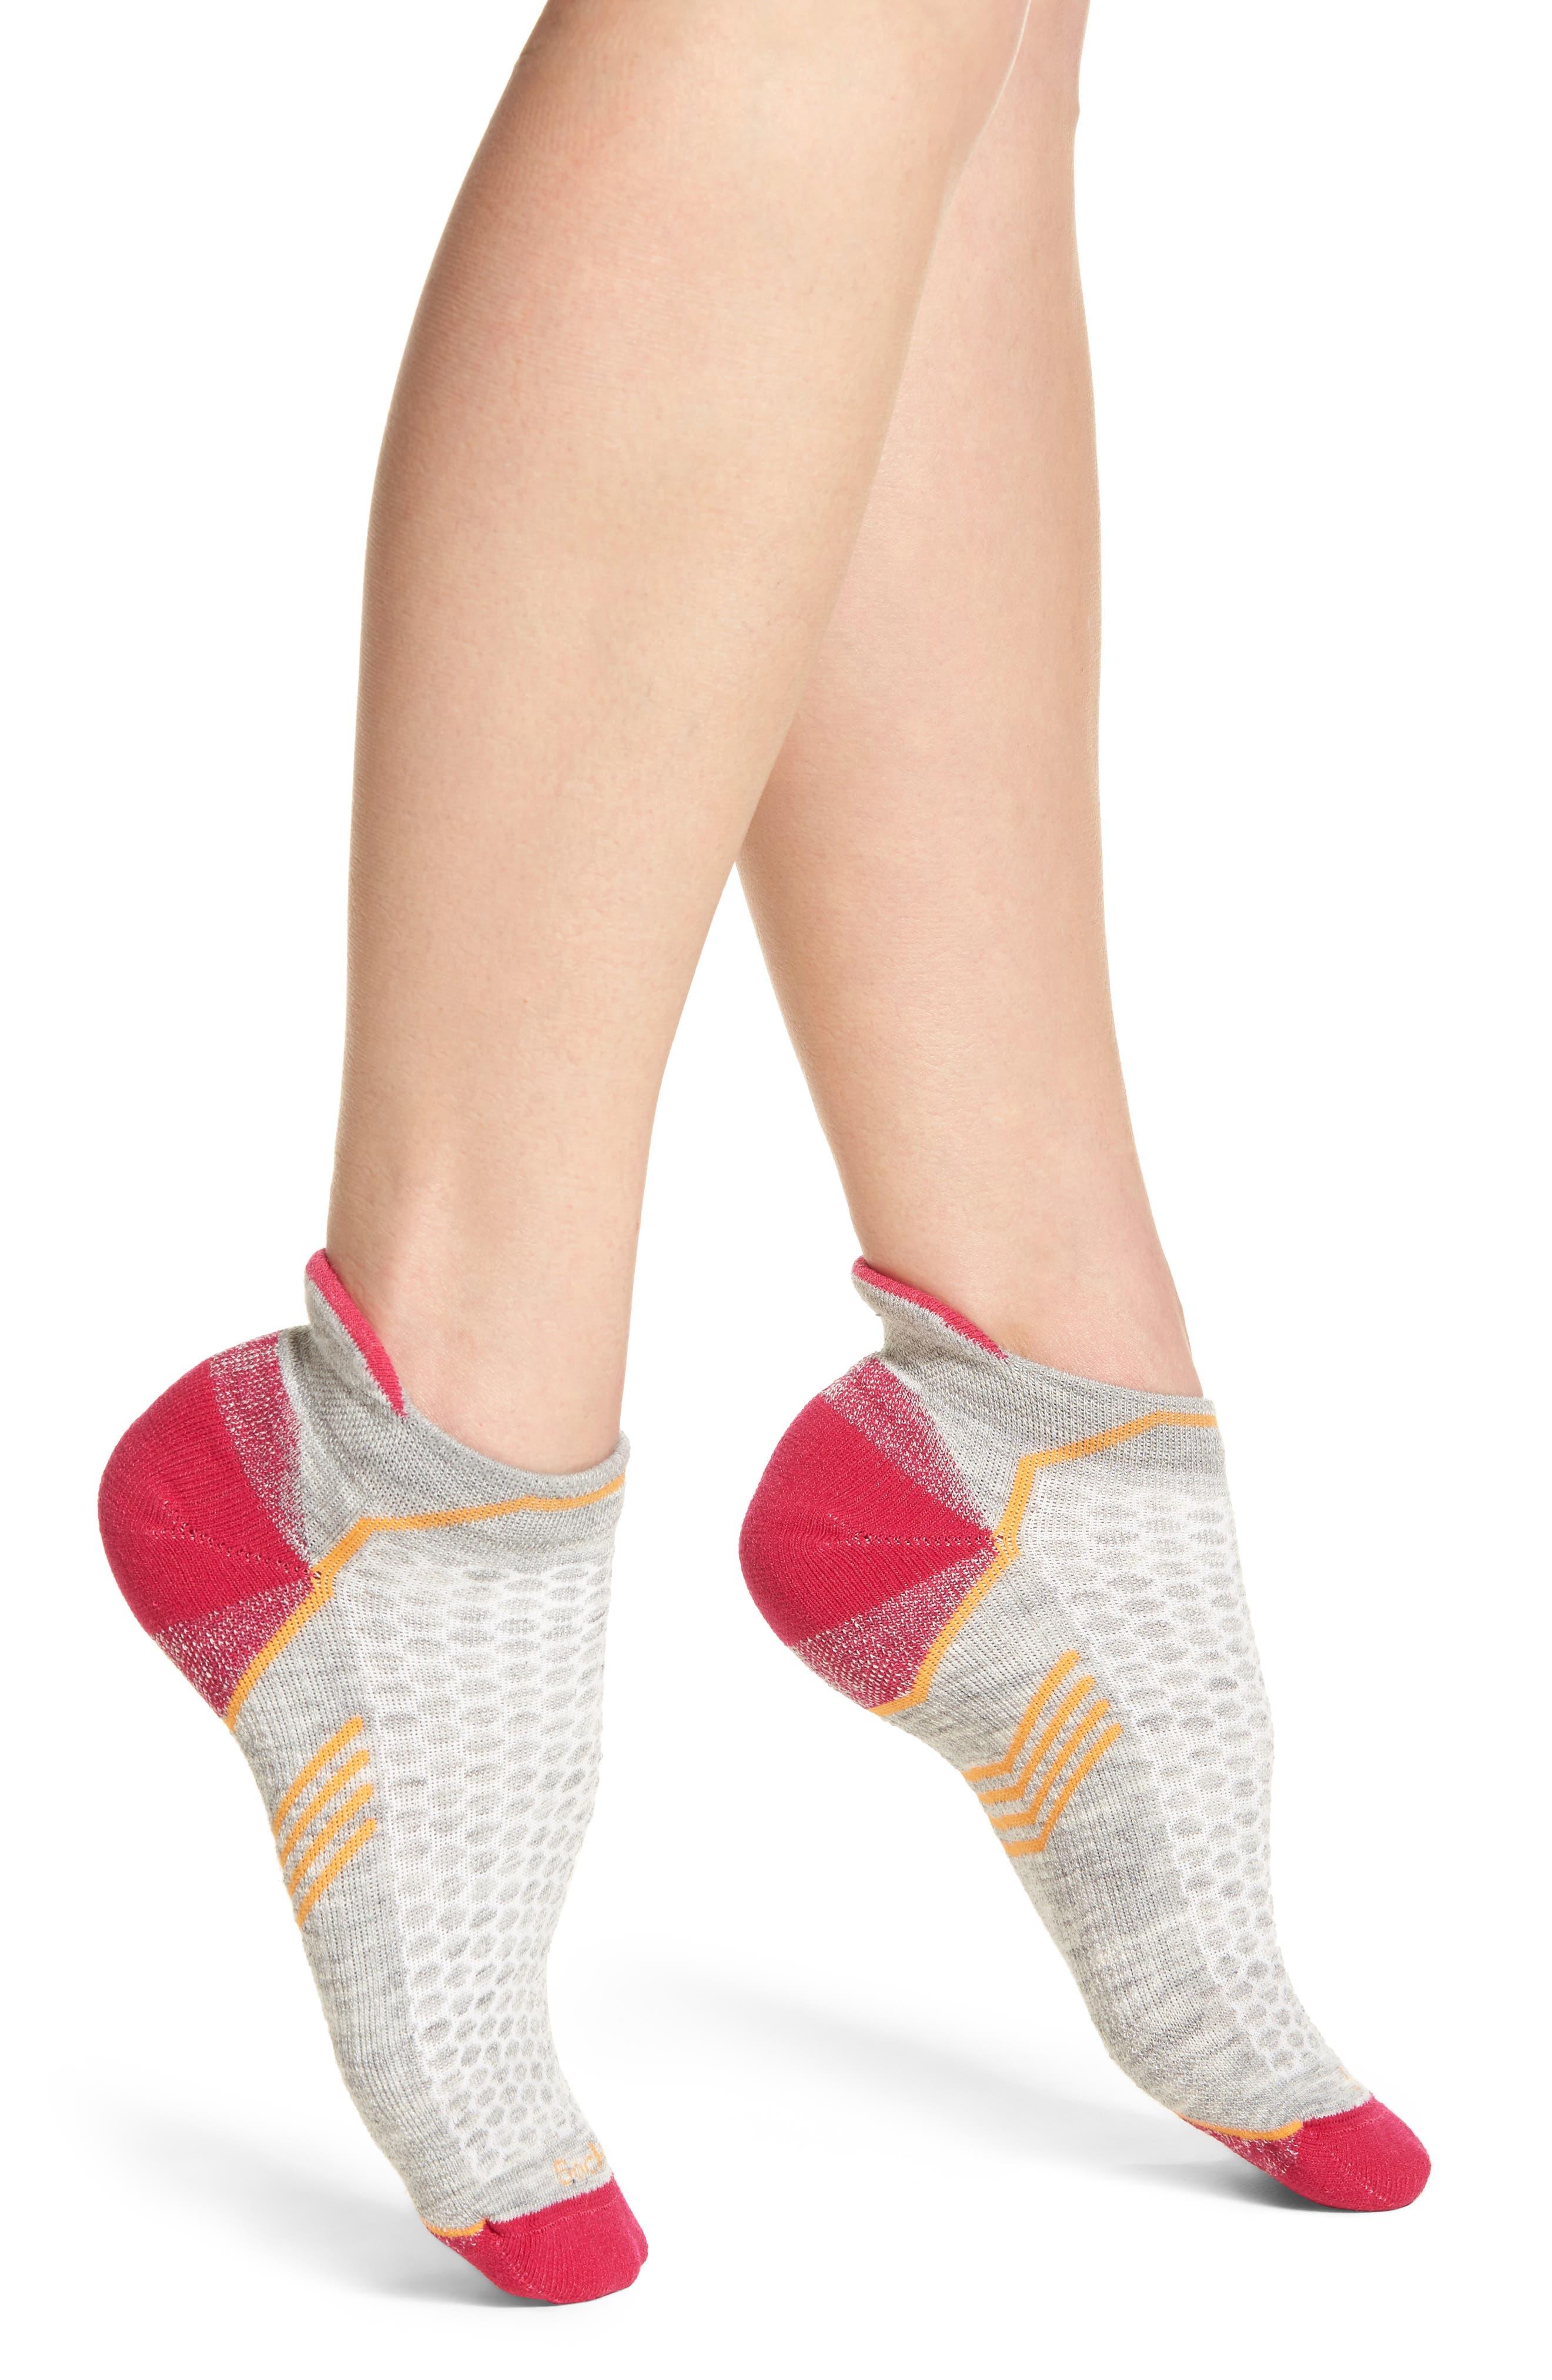 Incline Micro Compression Socks,                         Main,                         color, 020